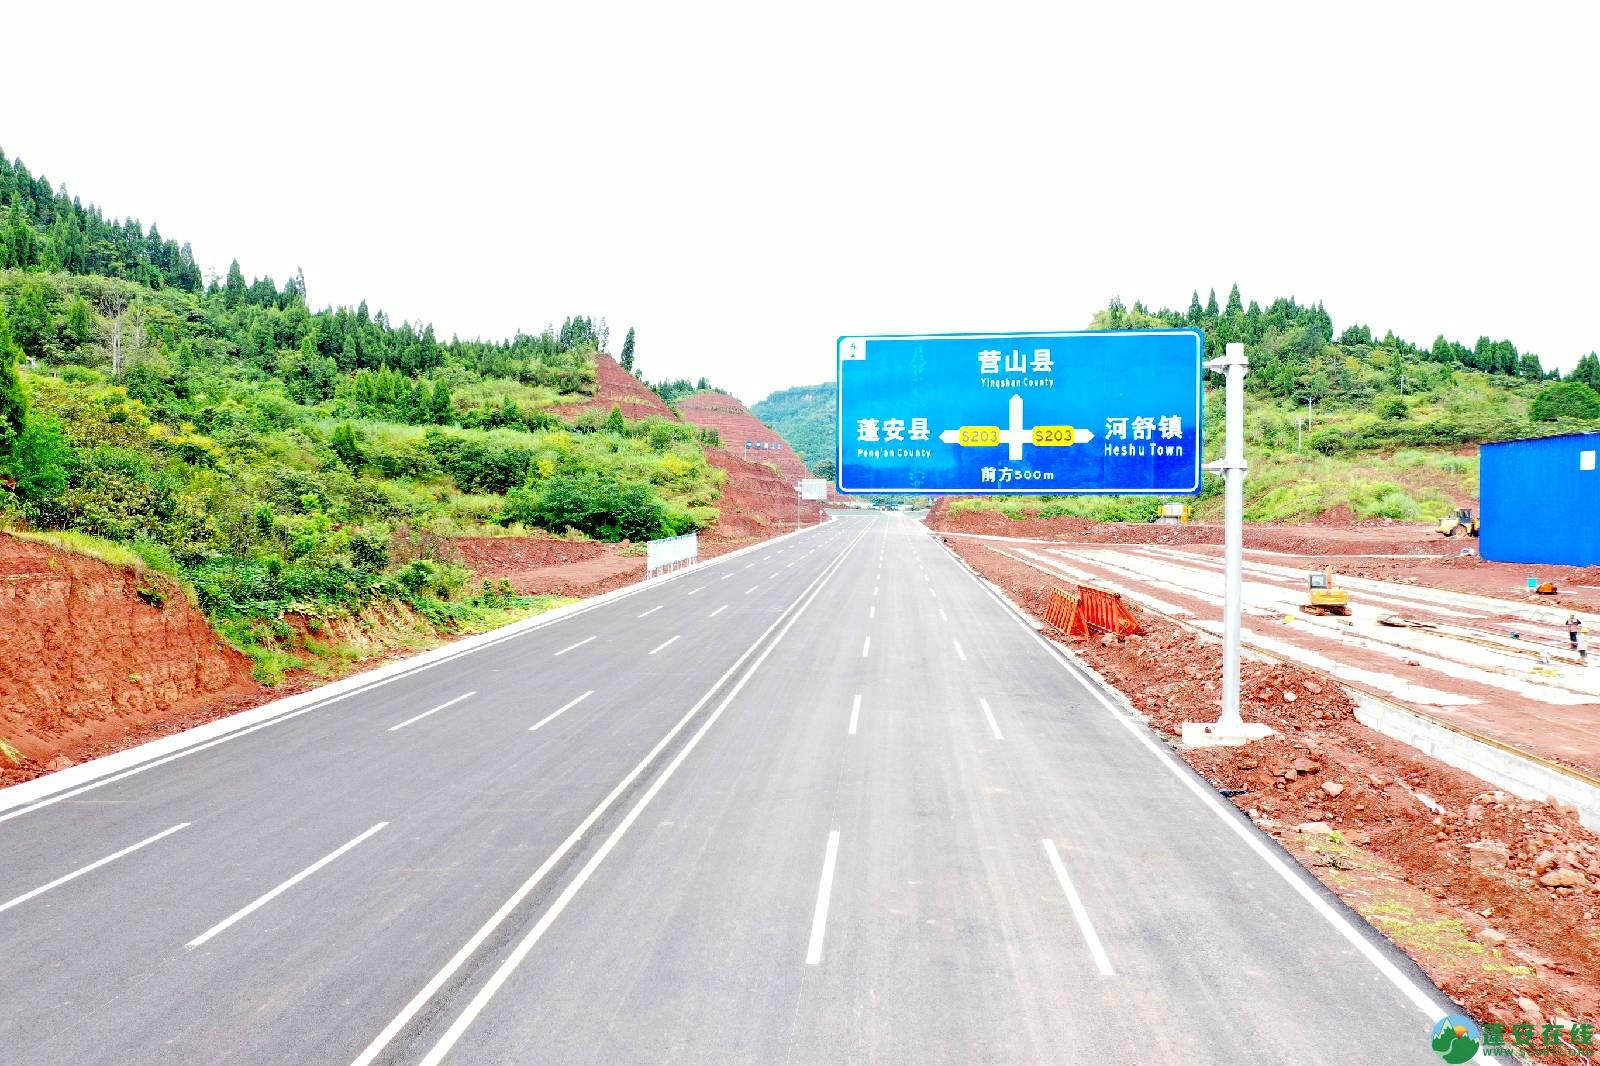 顺蓬营一级公路蓬安段、青云大道二期道路最新进展(2019.8.29) - 第14张  | 蓬安在线